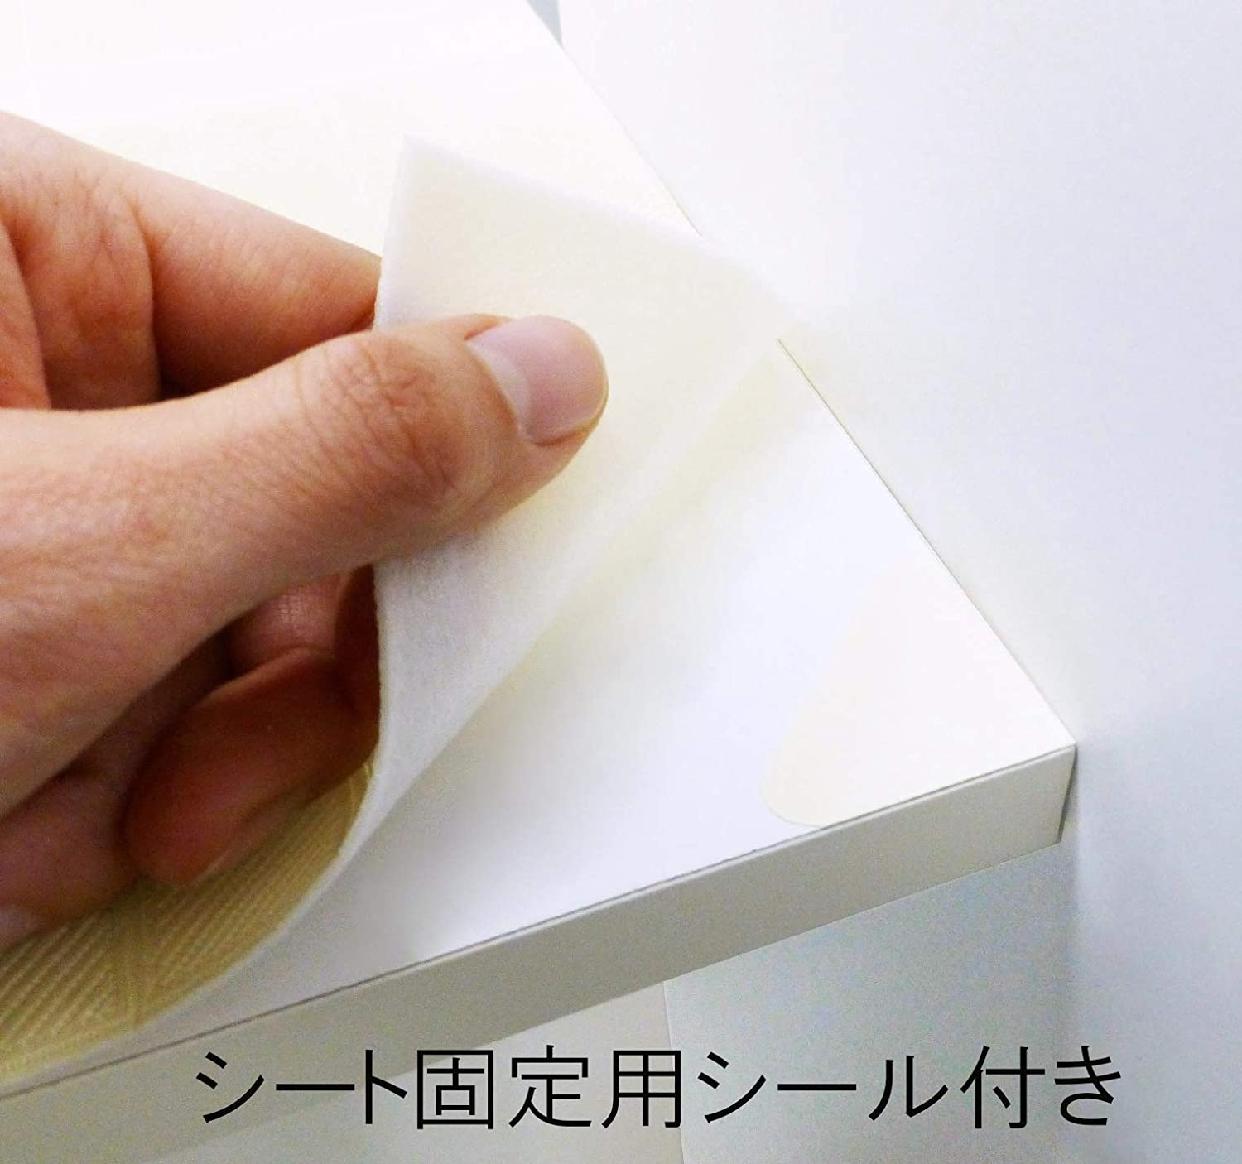 waise(ワイズ)備長炭配合 システムキッチンの汚れを防ぐシート 45cmの商品画像6